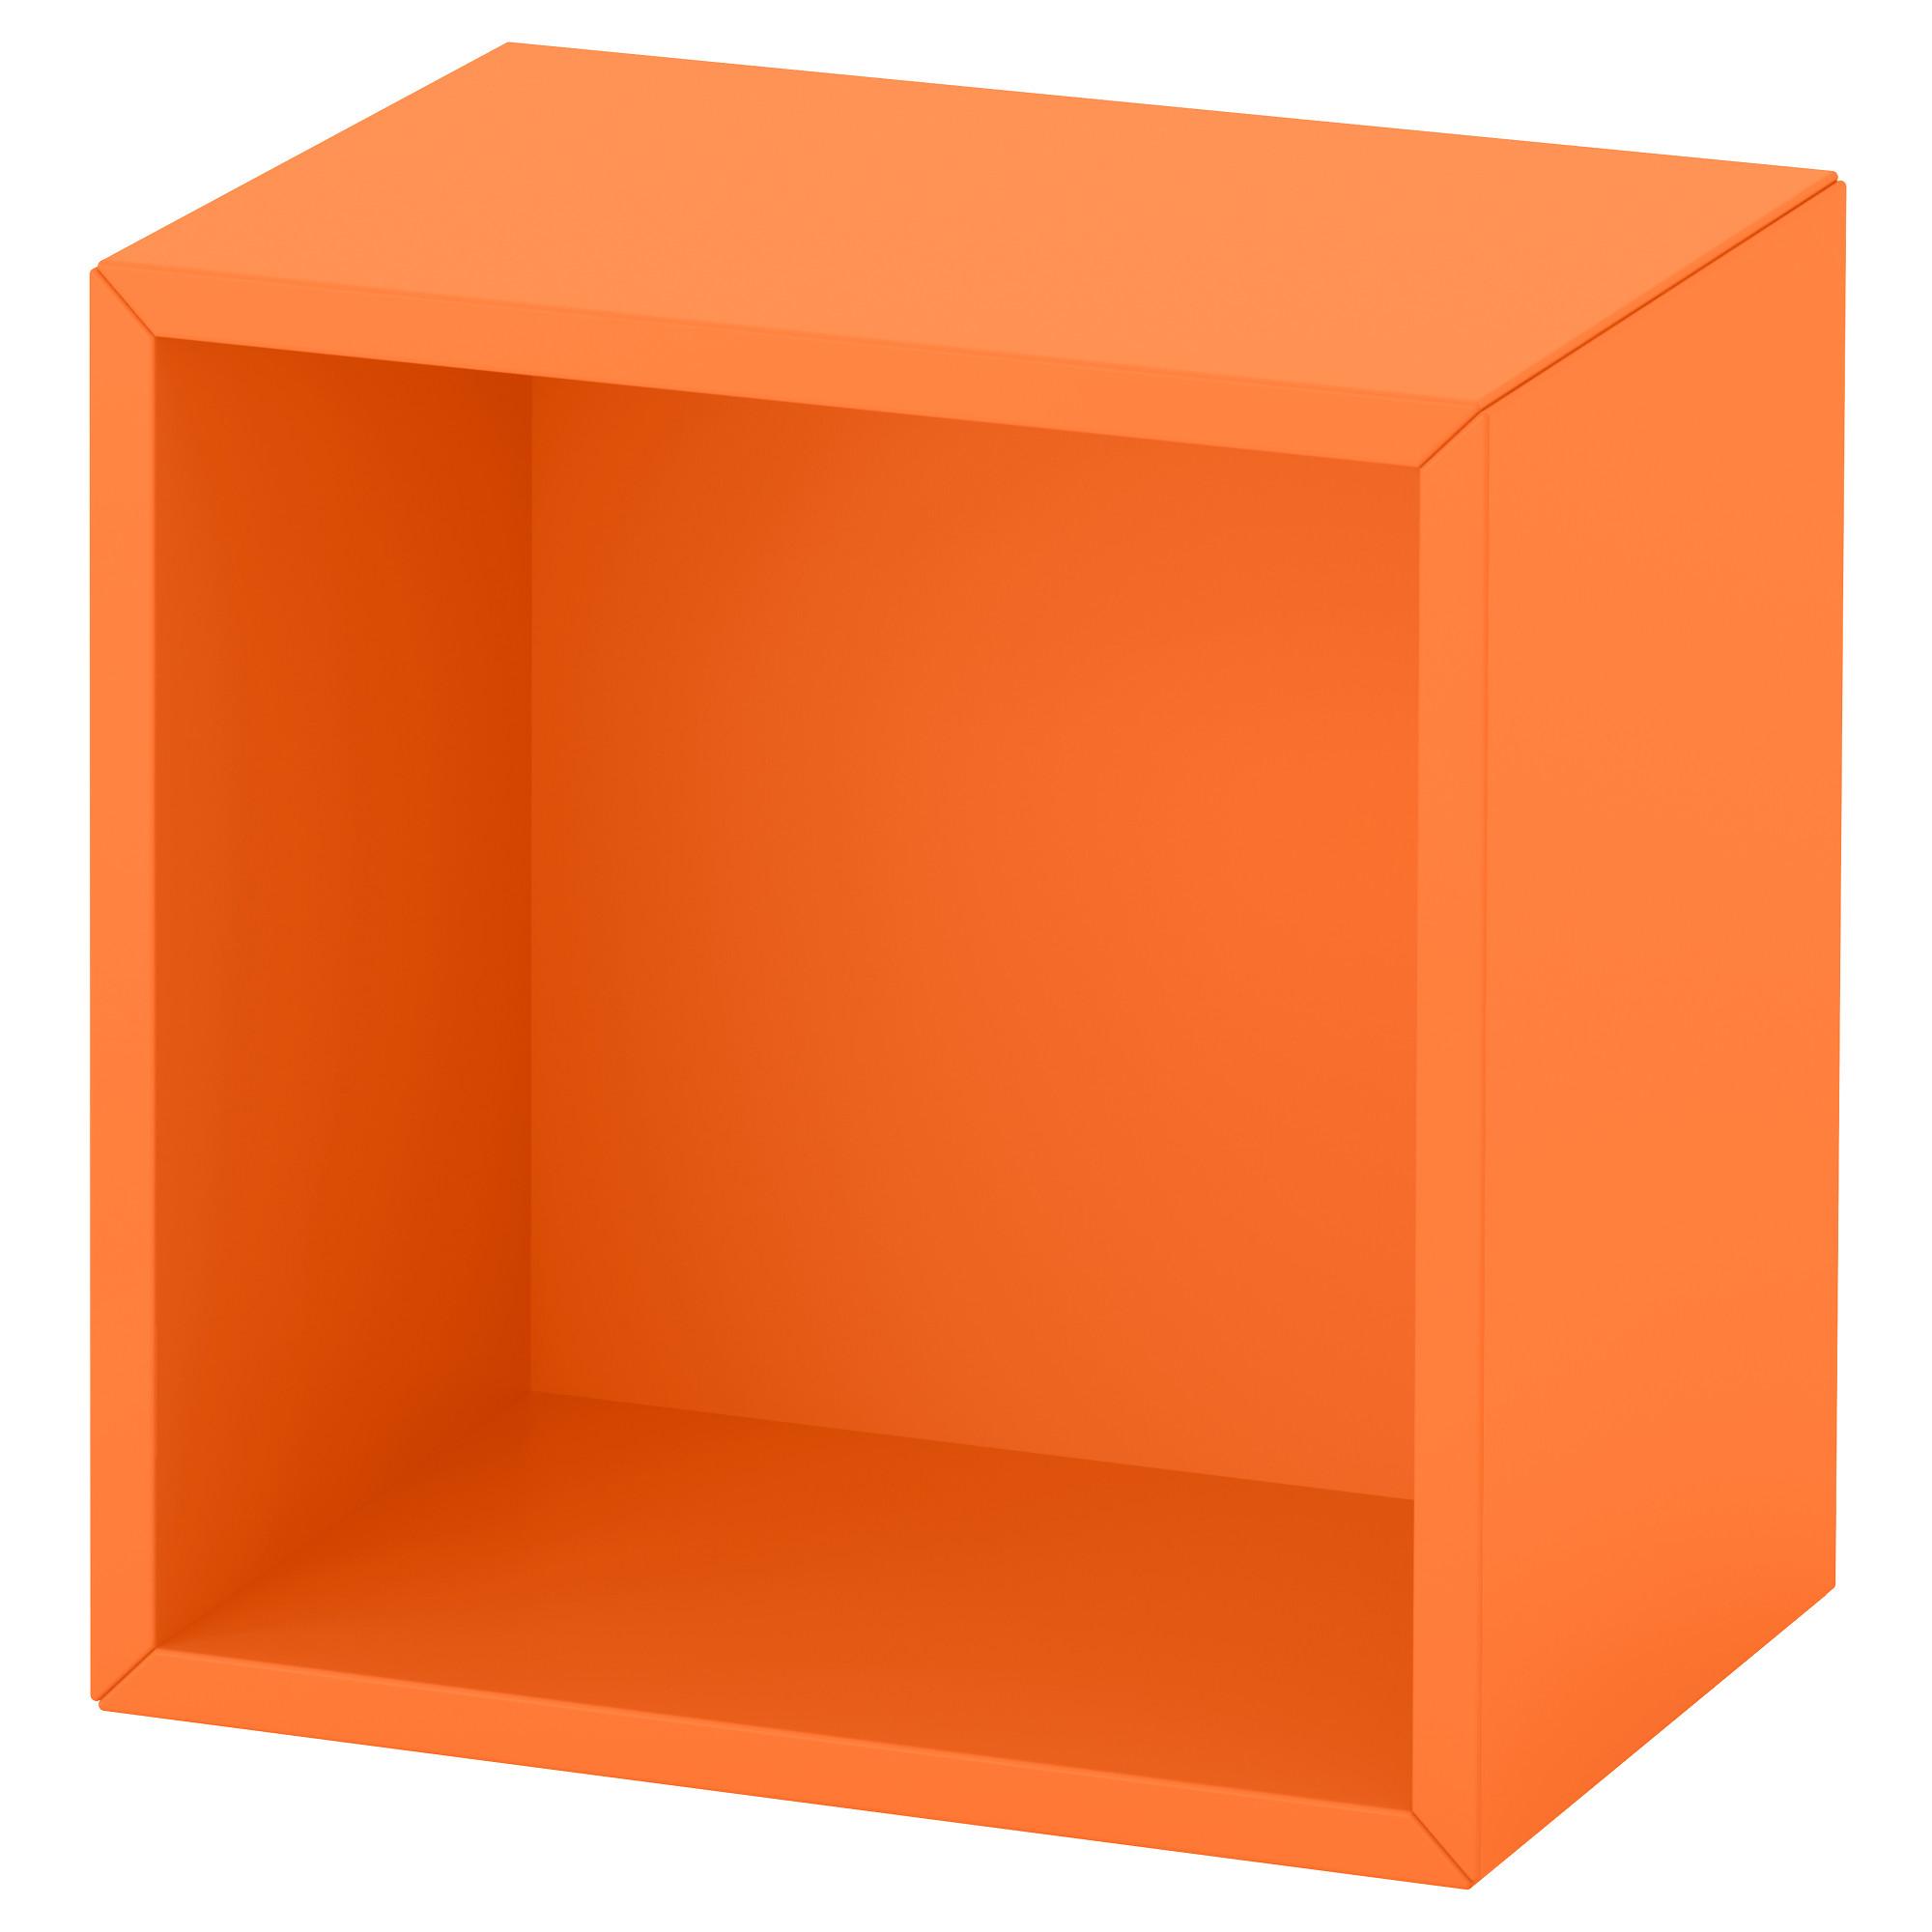 Навесной модуль ЭКЕТ оранжевый артикуль № 692.858.78 в наличии. Online сайт ИКЕА Беларусь. Быстрая доставка и соборка.